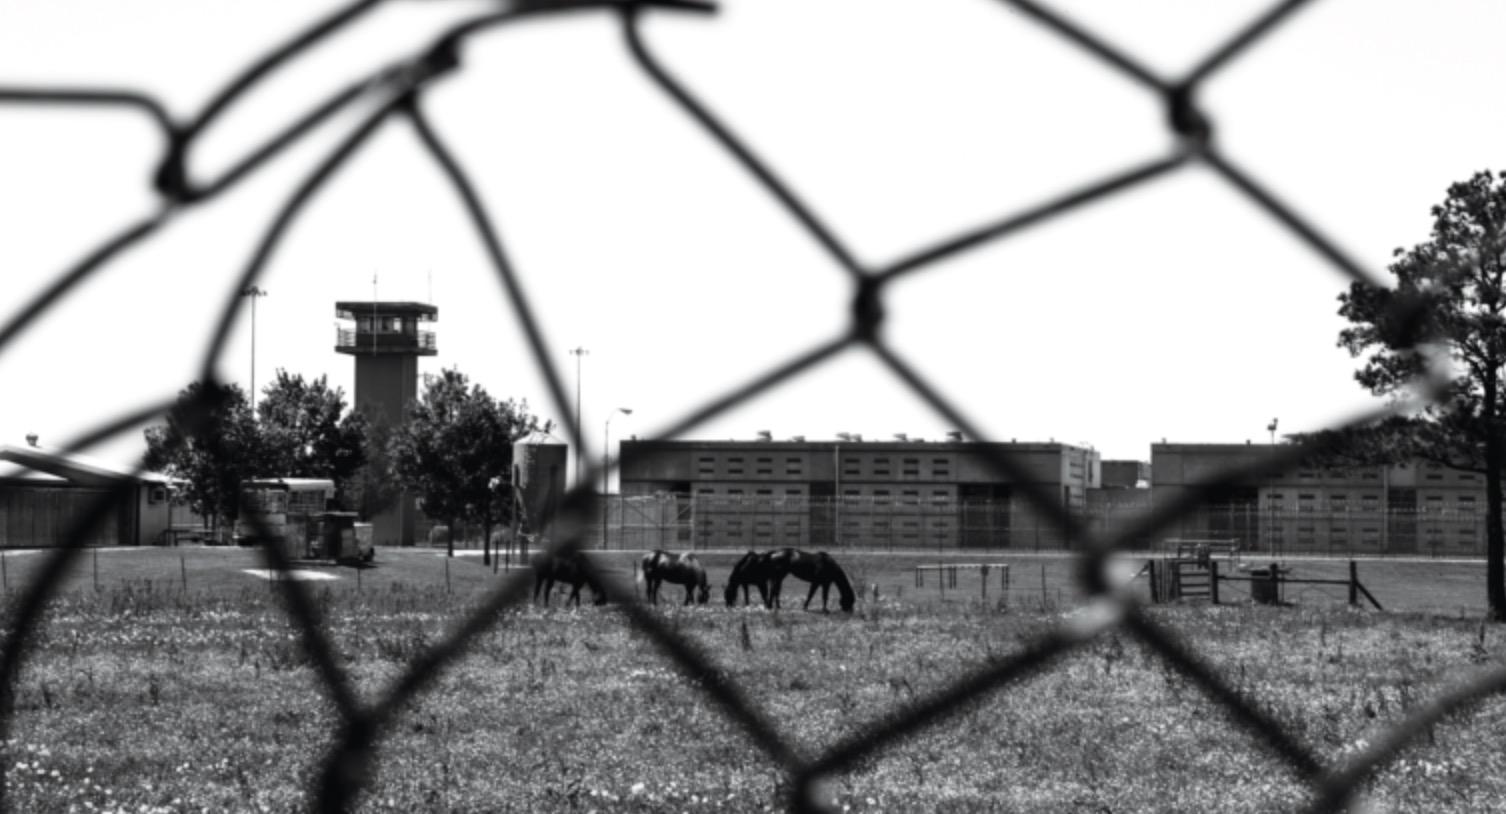 The Prison Inside Prison